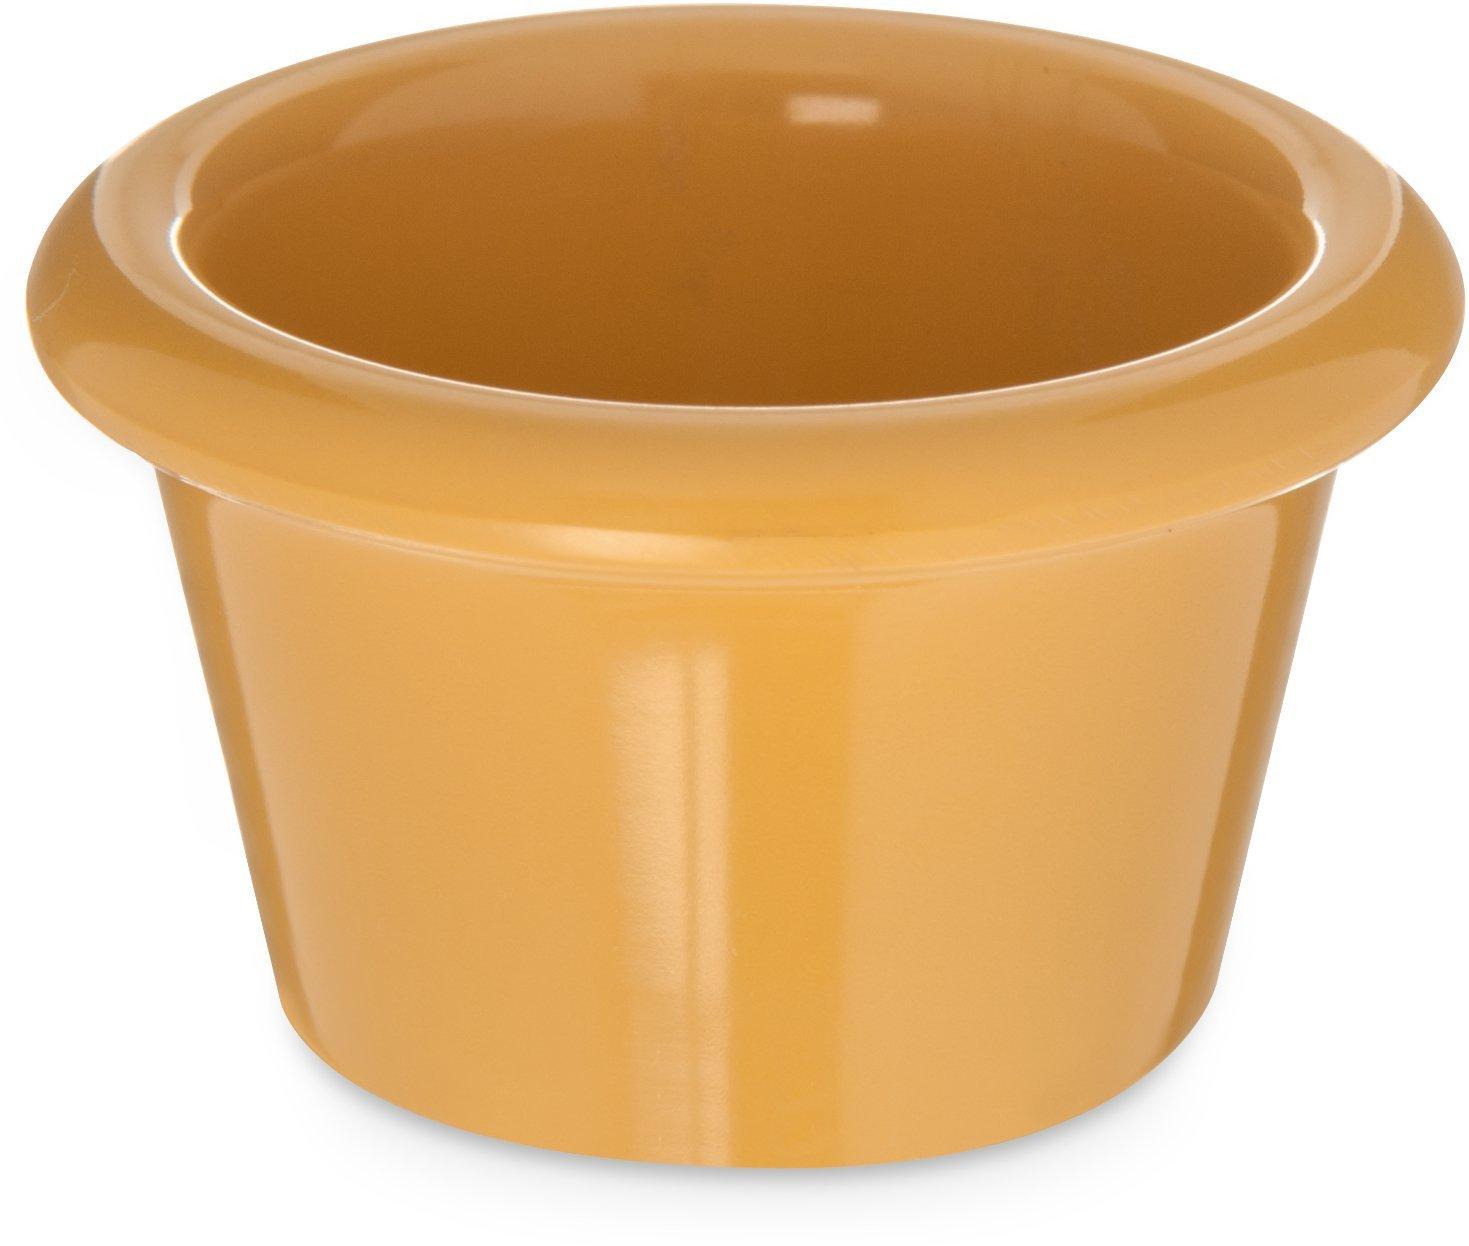 Carlisle S27522 Melamine Smooth Ramekin, 1.5 oz. Capacity, Honey Yellow (Case of 48) Carlisle FoodService Products